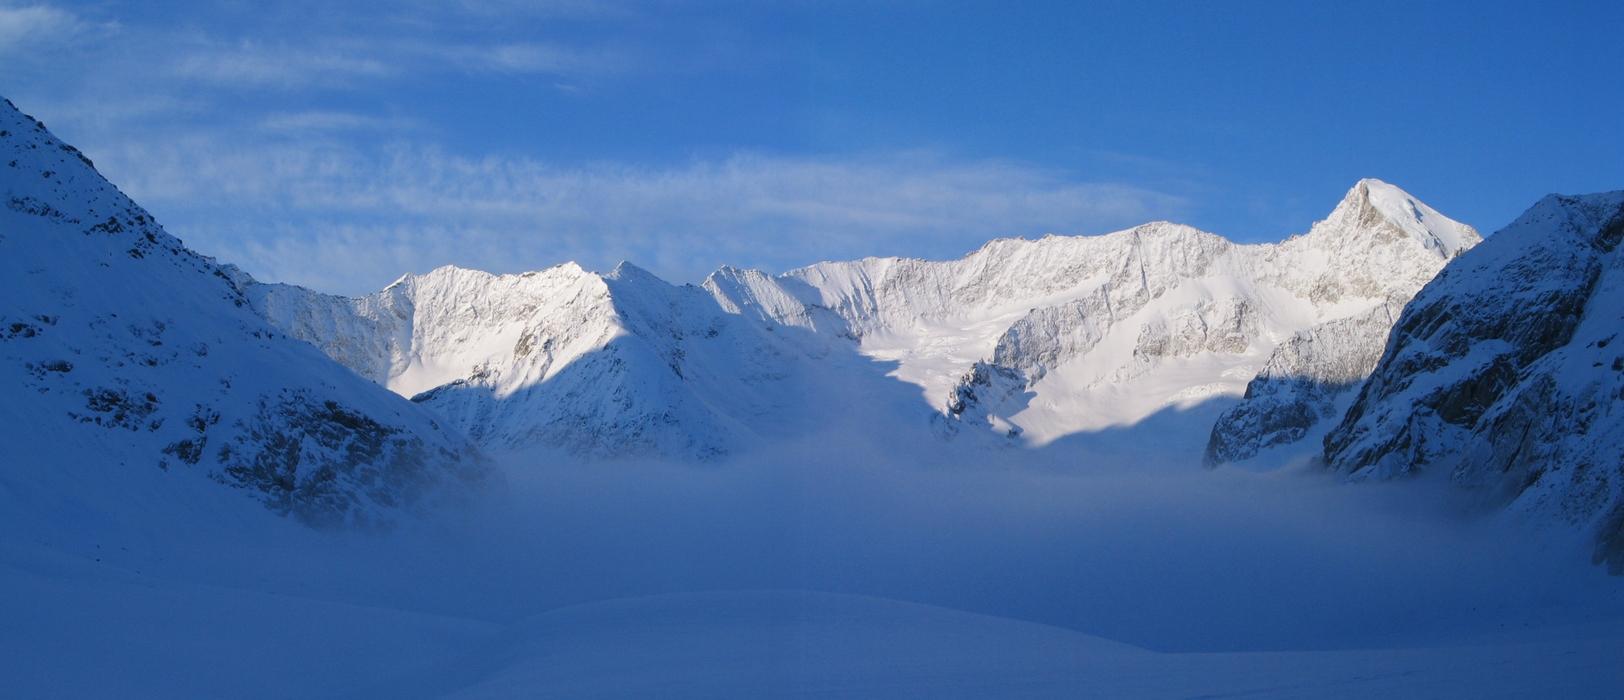 Grosser Aletschhorn Berner Alpen / Alpes bernoises Schweiz panorama 22